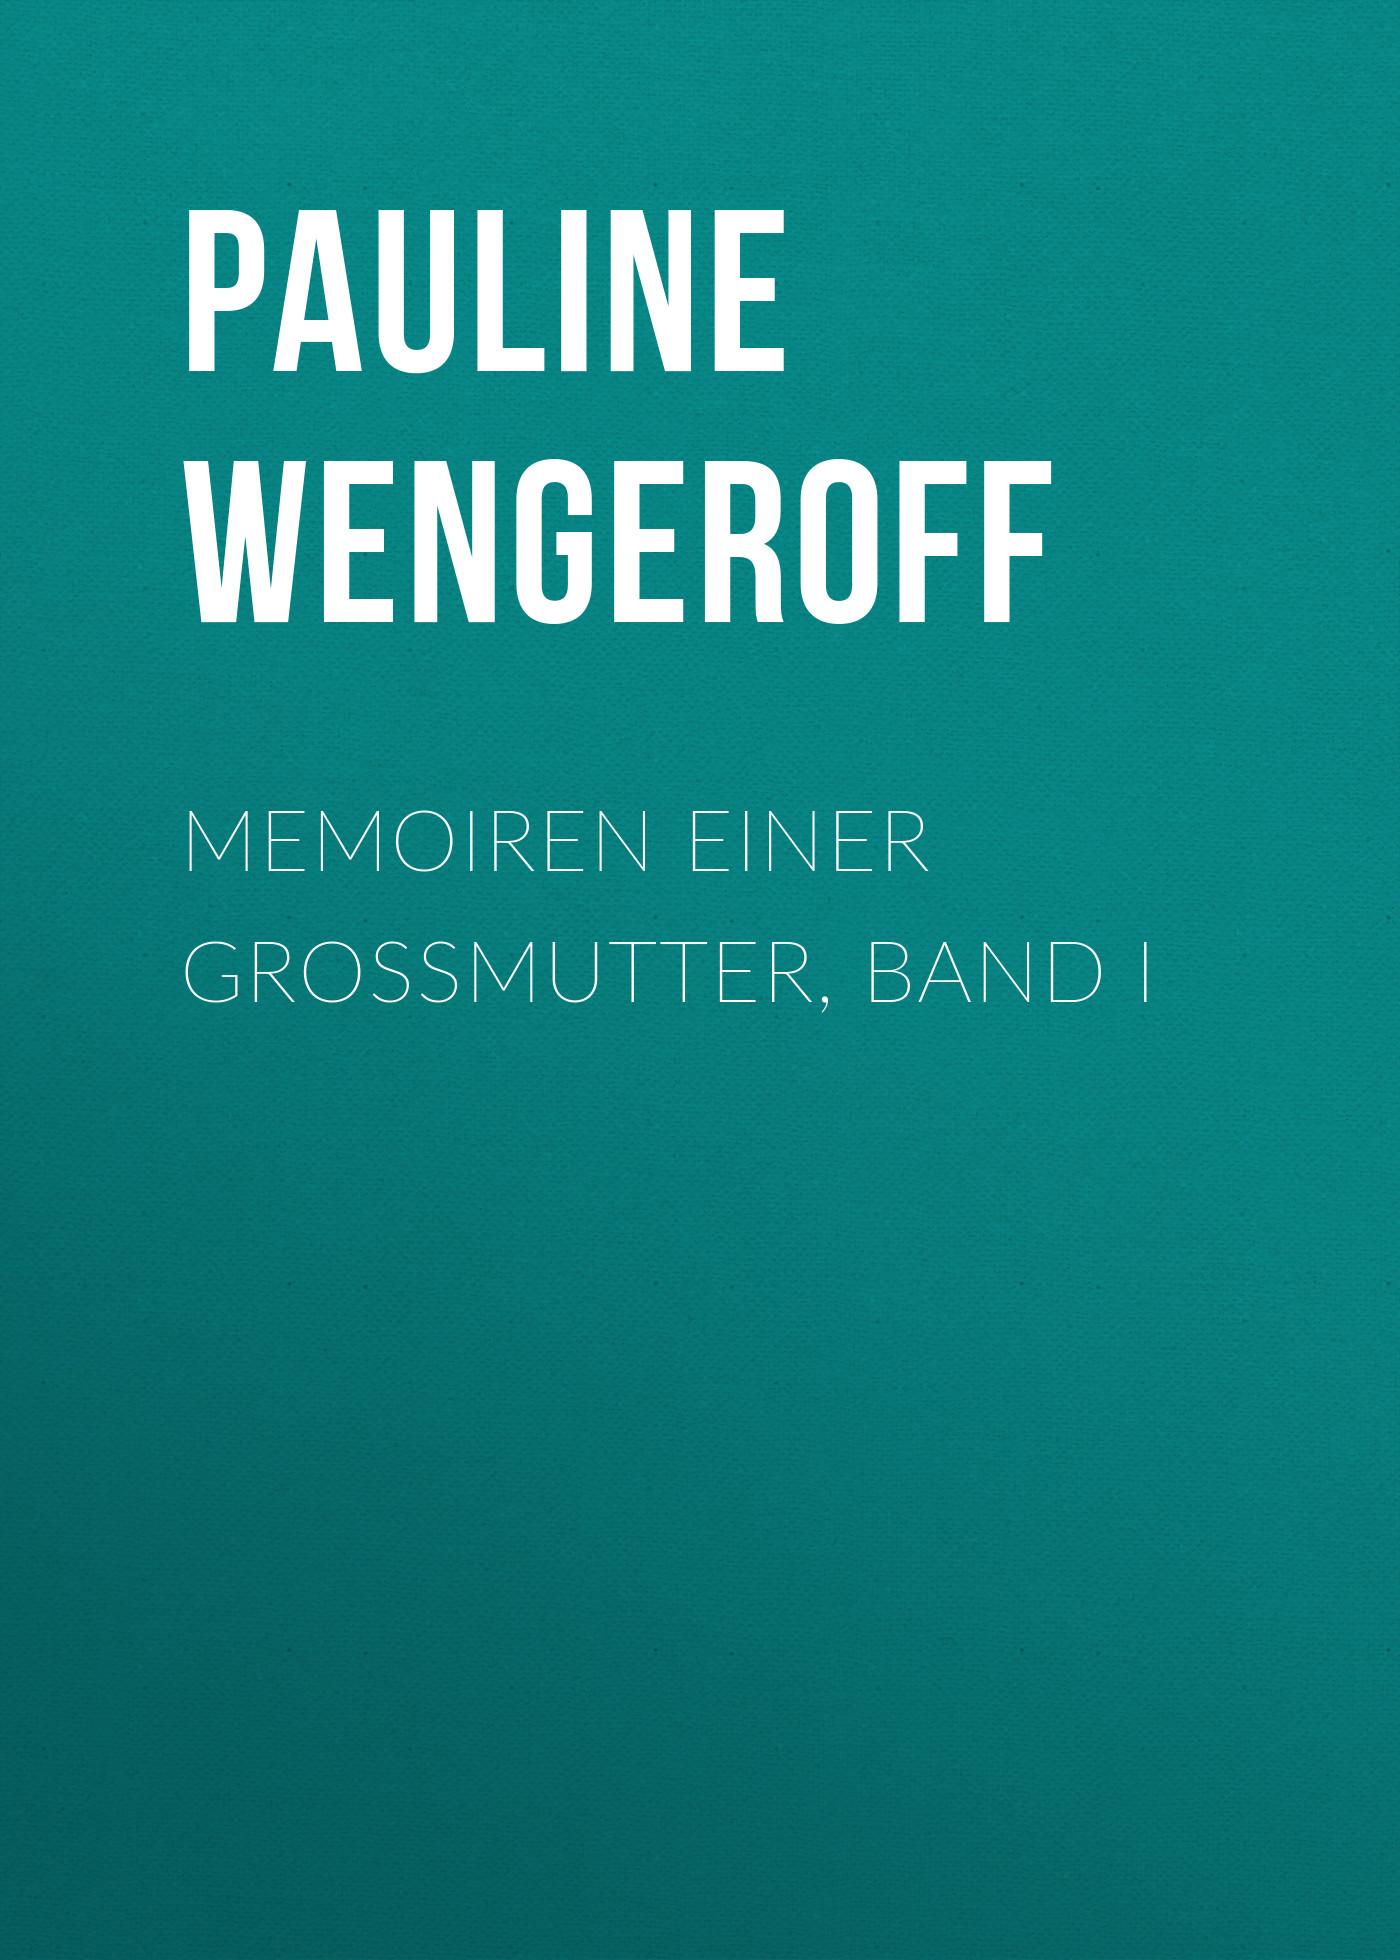 Pauline Wengeroff Memoiren einer Grossmutter, Band I smeg sf9800pro